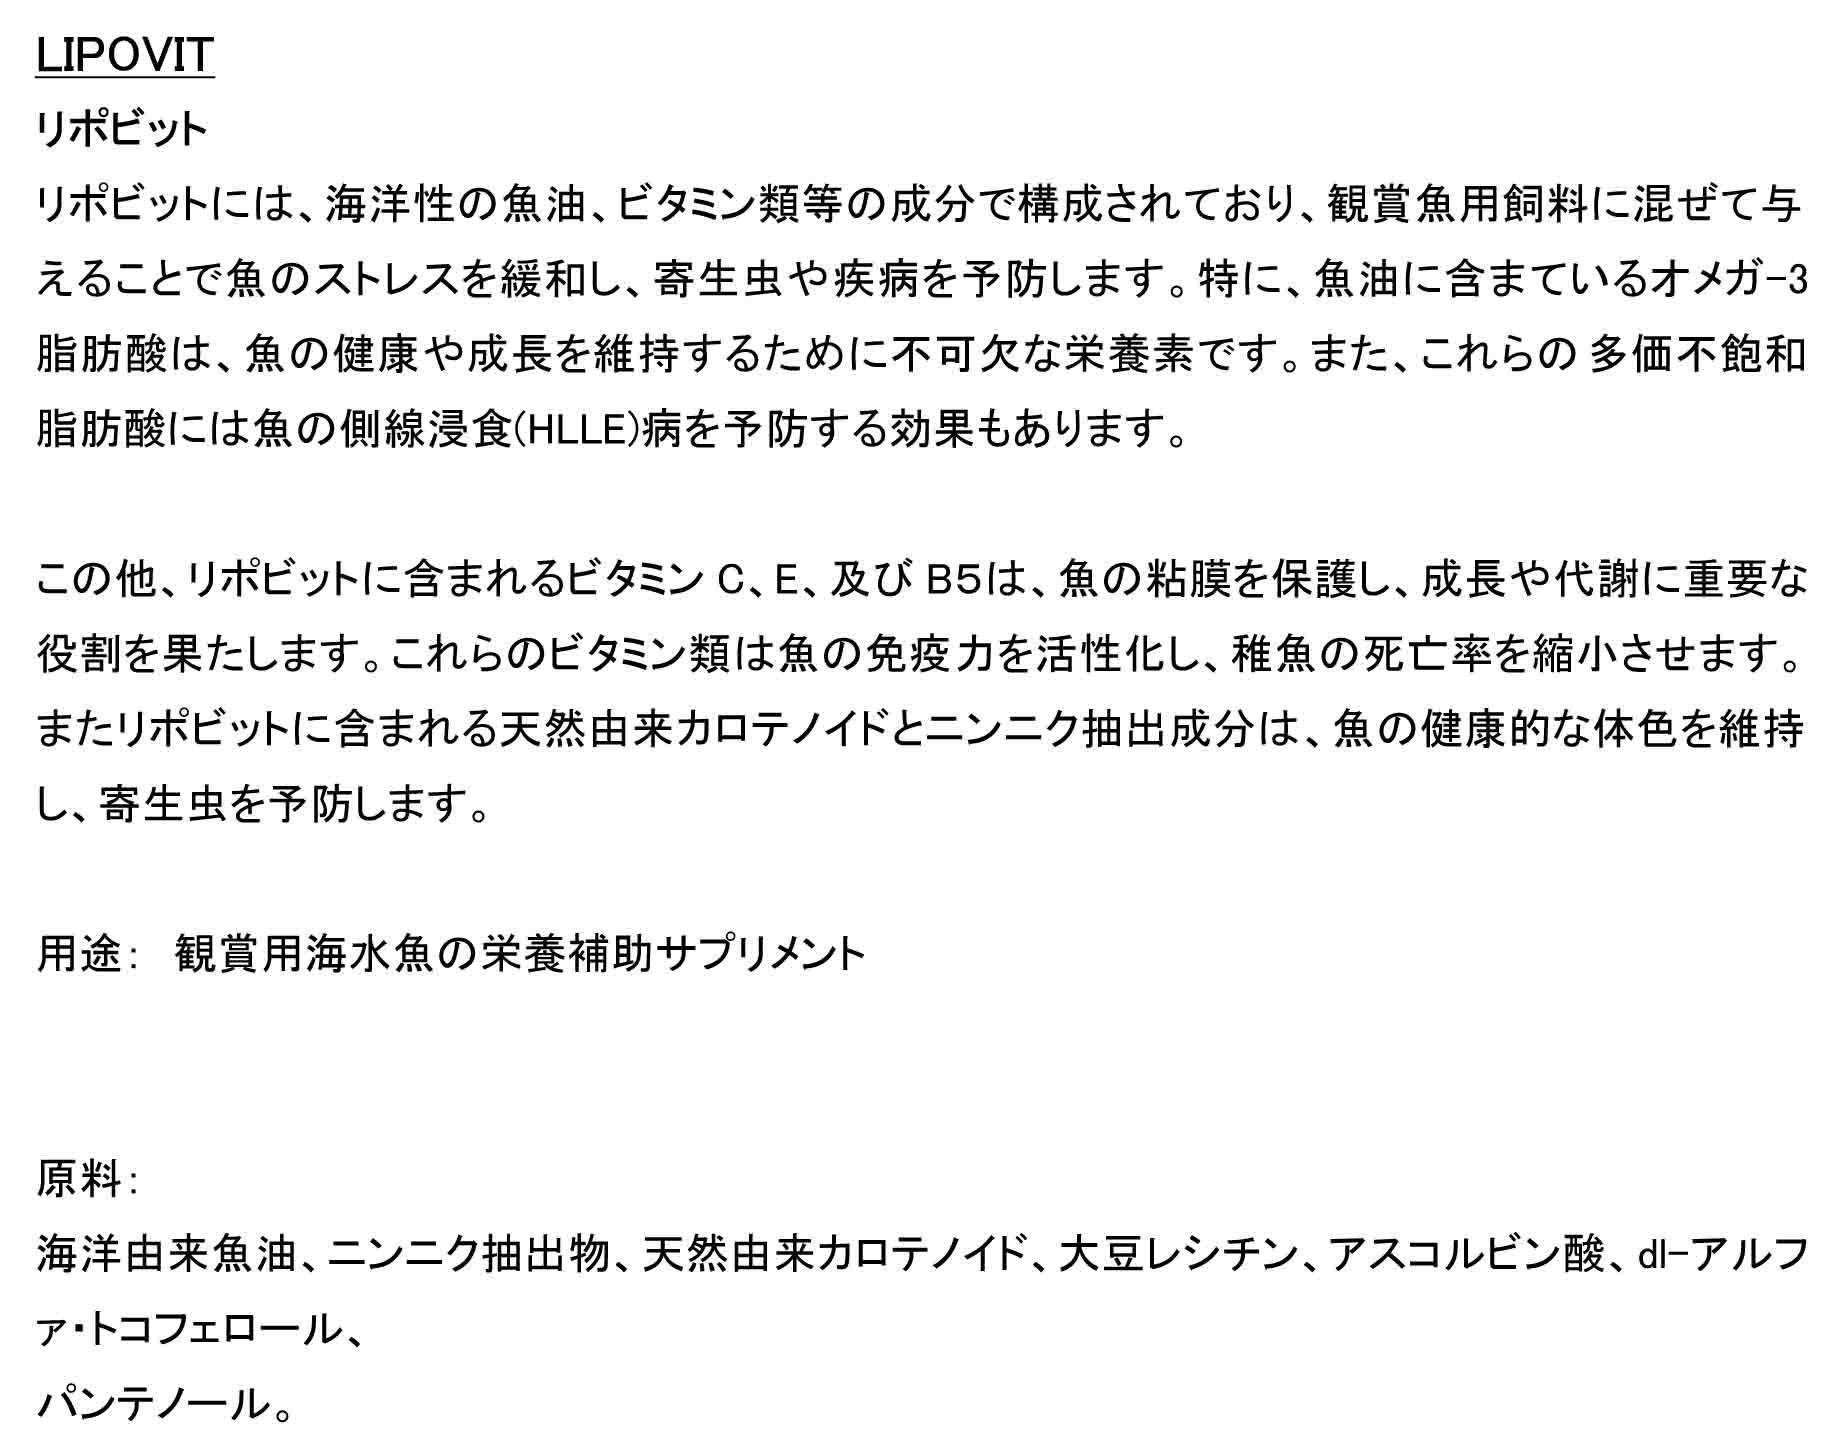 説明書-18LIPOVIT.jpg